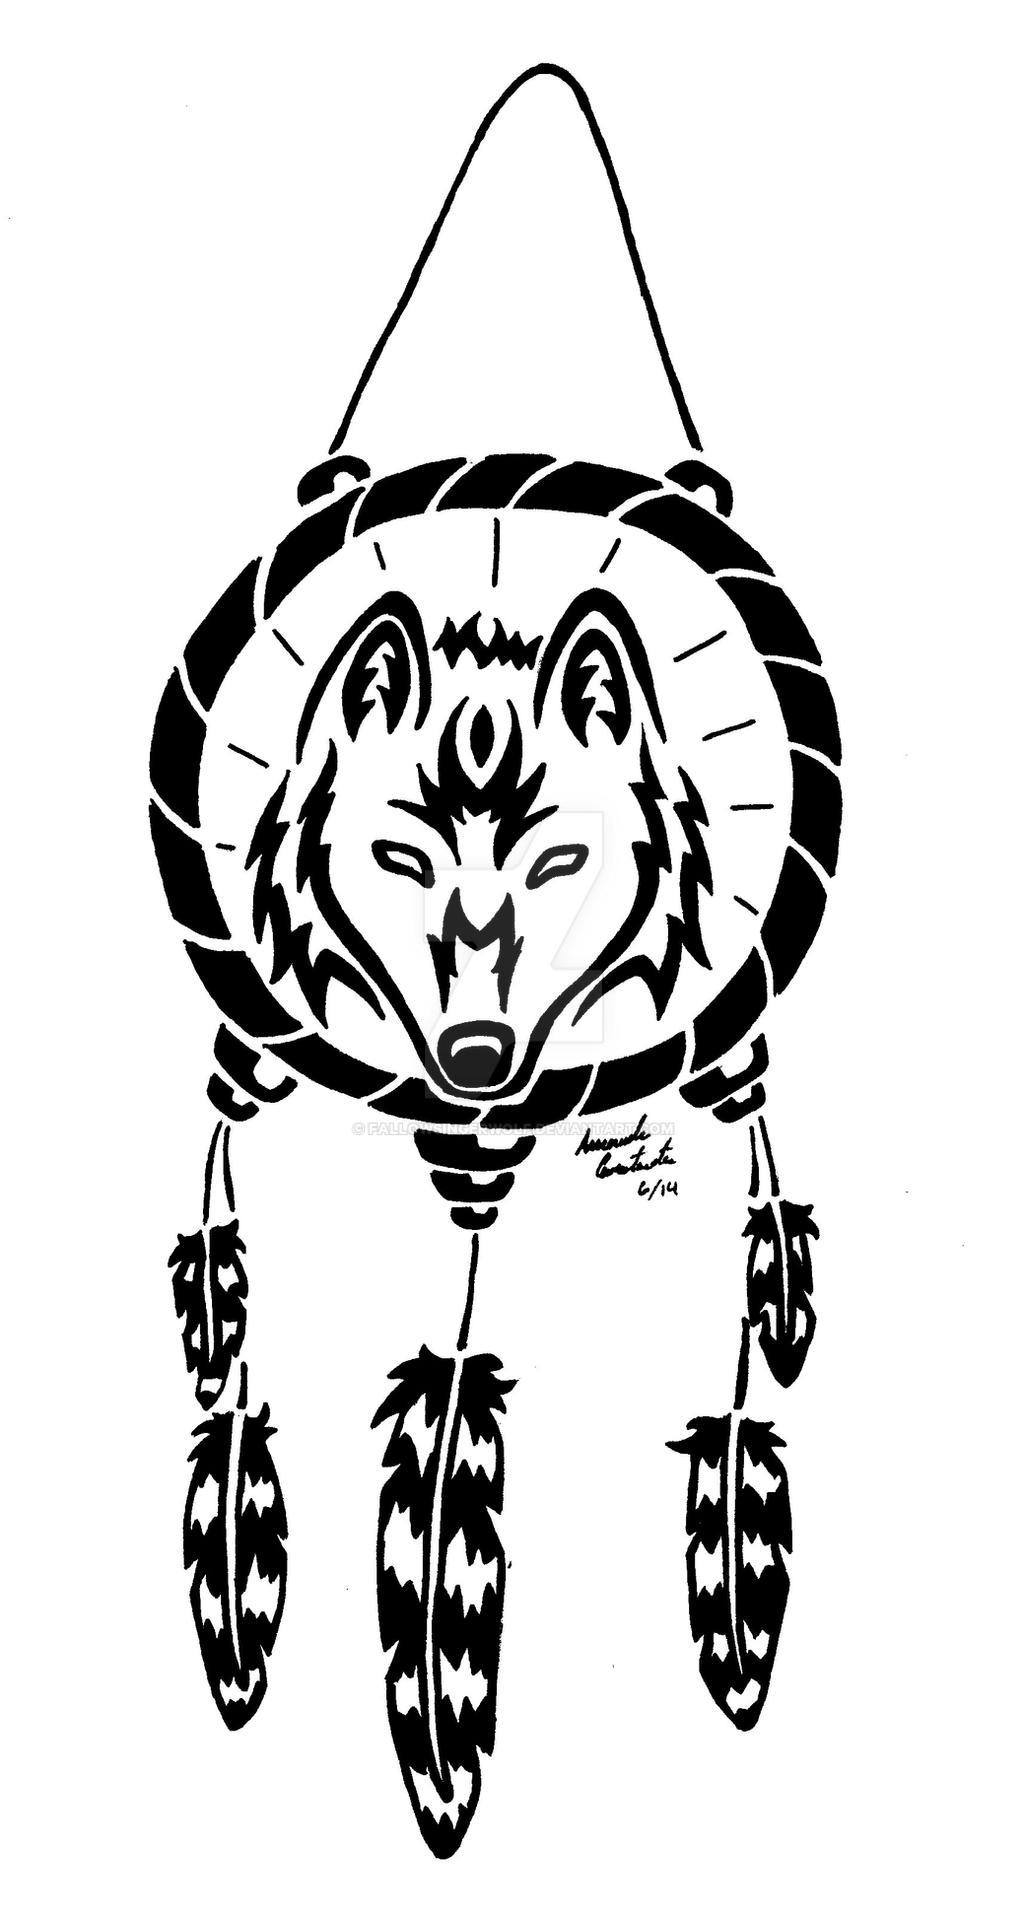 Wolf Dreamcatcher By Fallowsingerwolf On DeviantArt